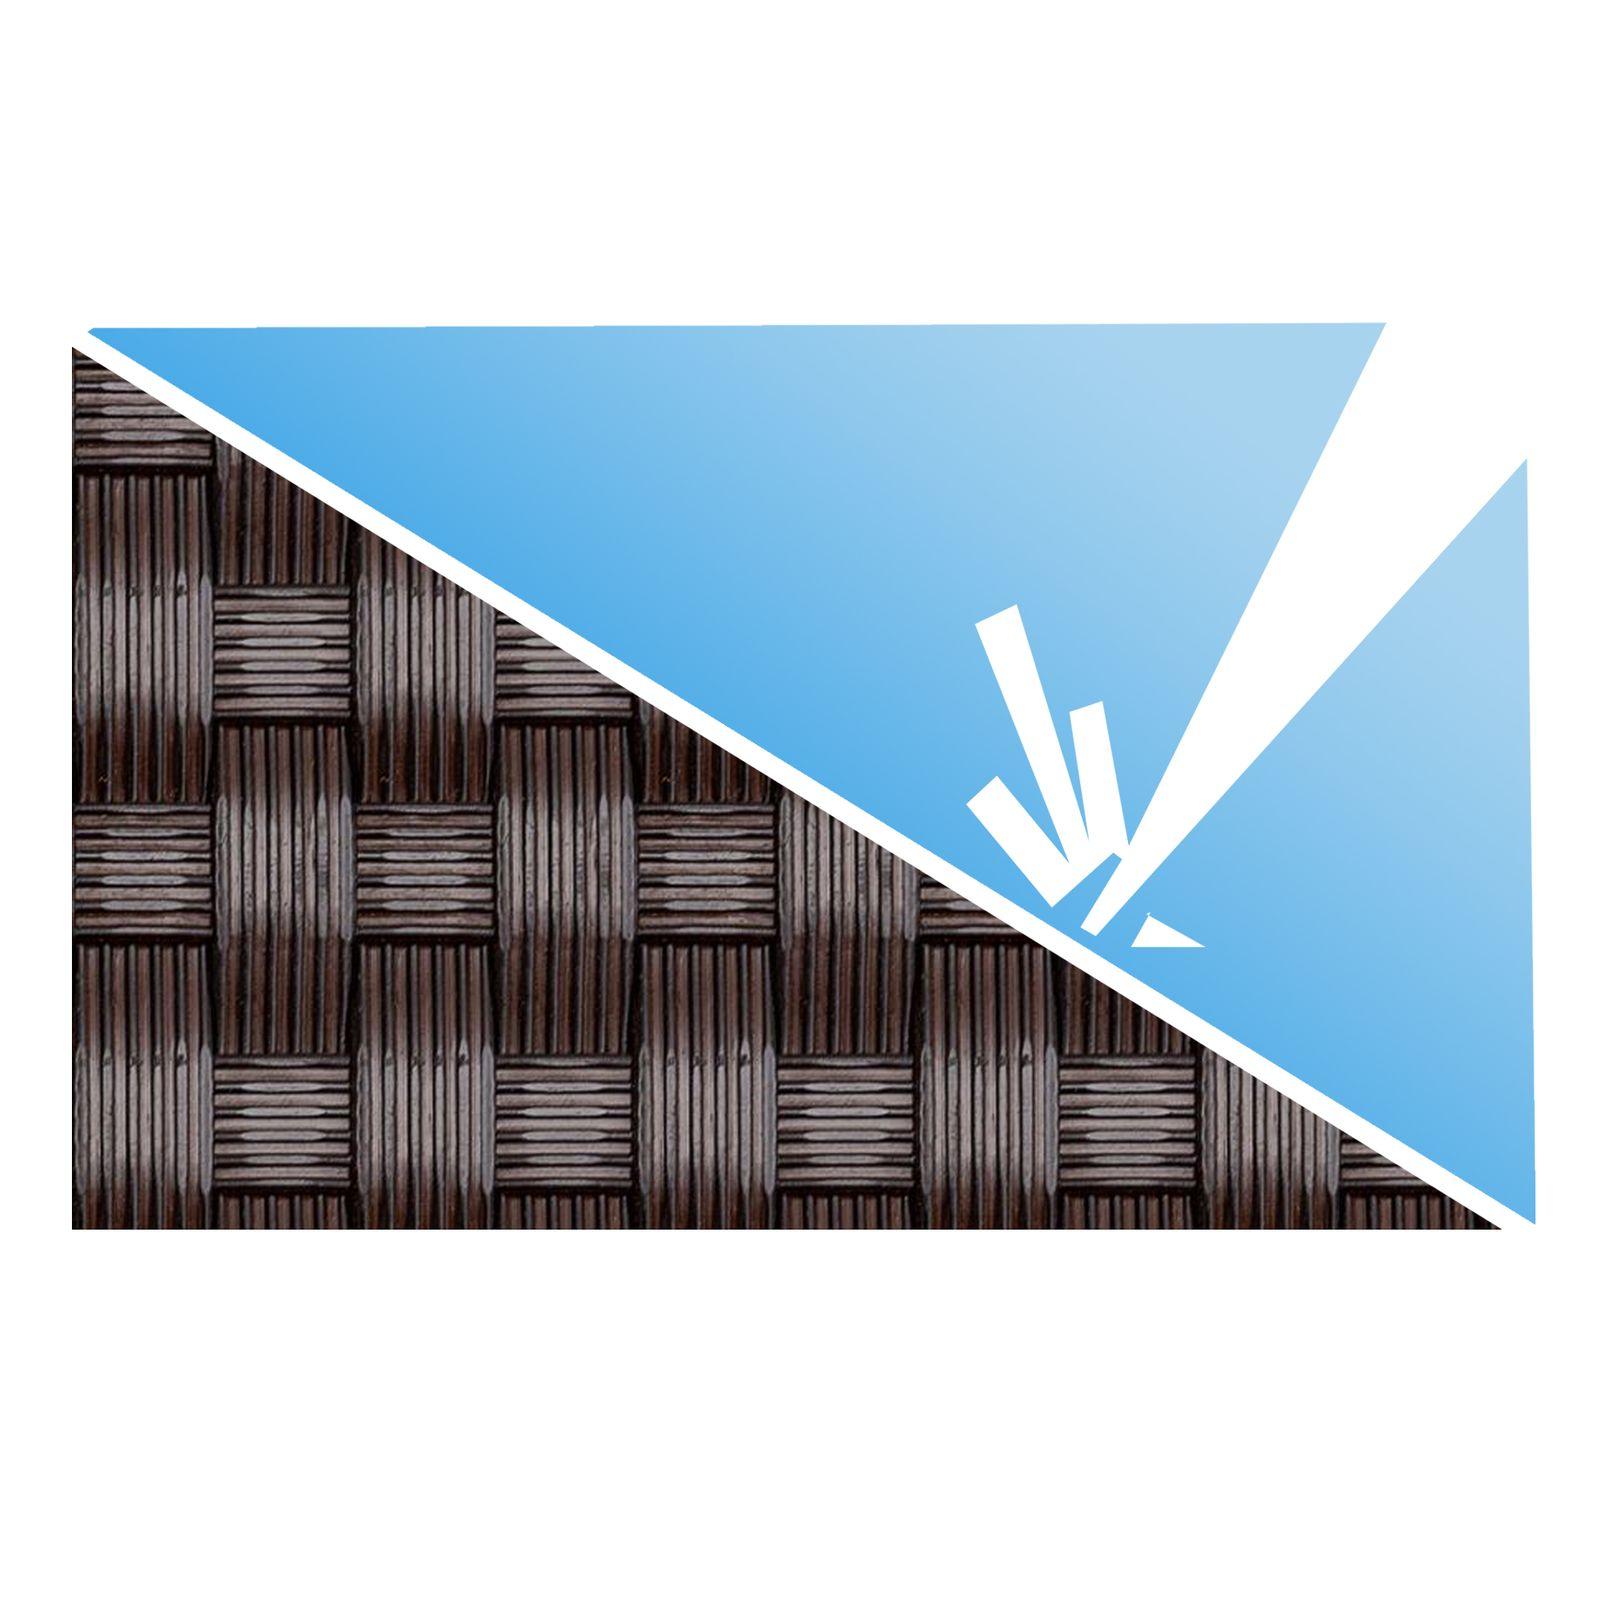 Osłona balkonowa Tress 1 x 5 m brązowa PATIO